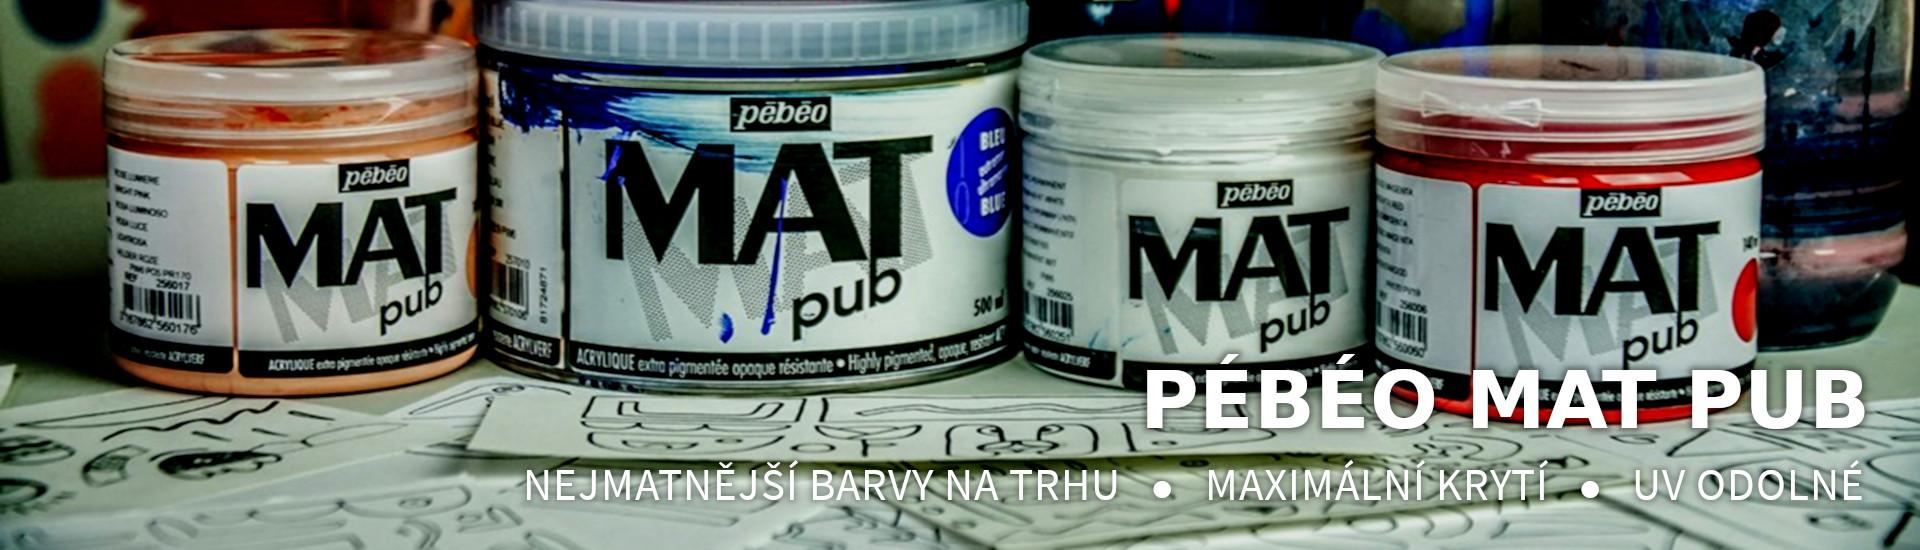 Pébéo MAT PUB